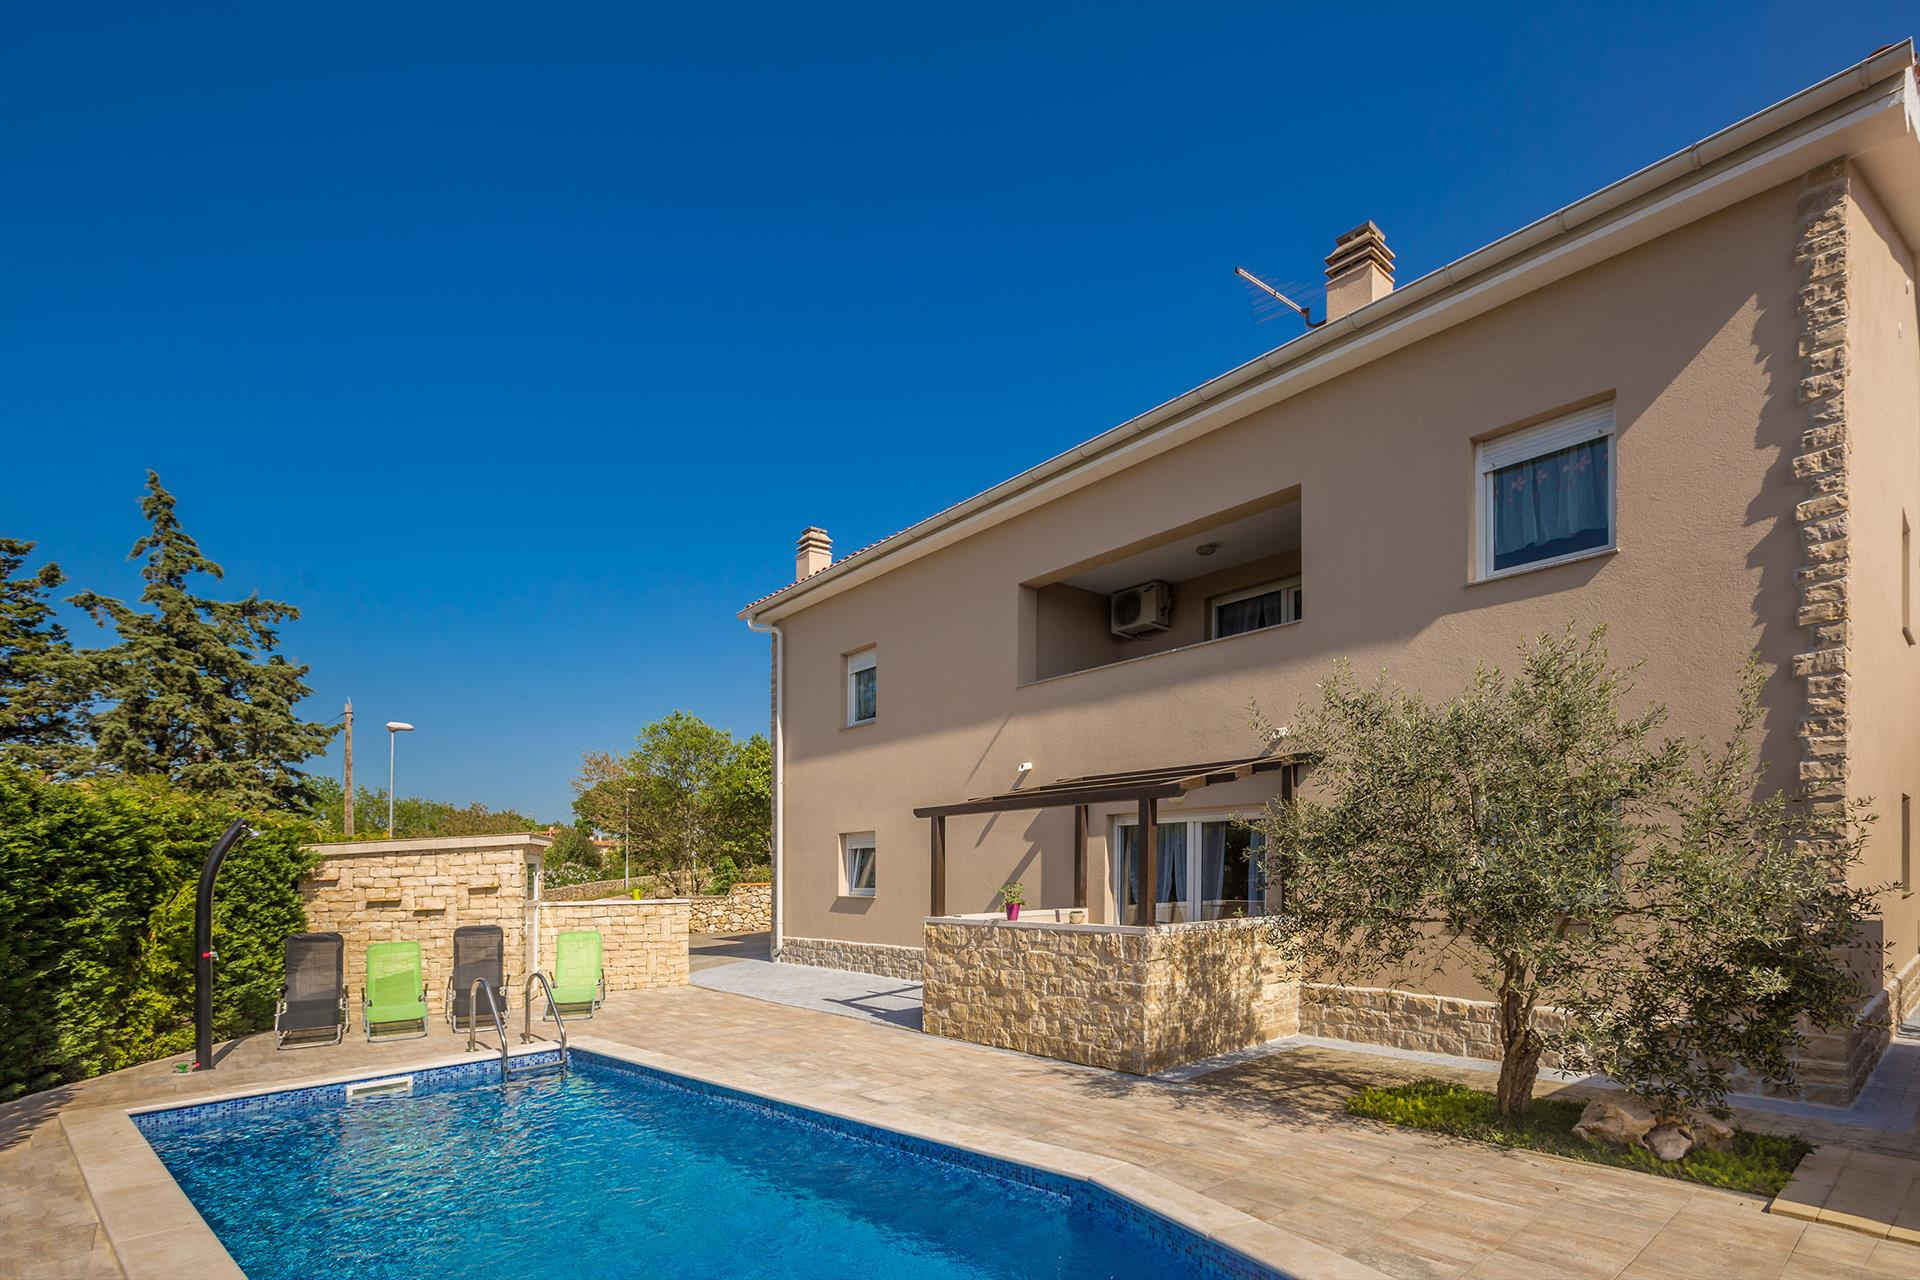 Modern cozy studio- swimming pool, yard, sitting area, grill,Liebliche und gemütliche Studio  mit privatem Pool in Pinezici, Island Krk, Kroatien für 2 Personen...